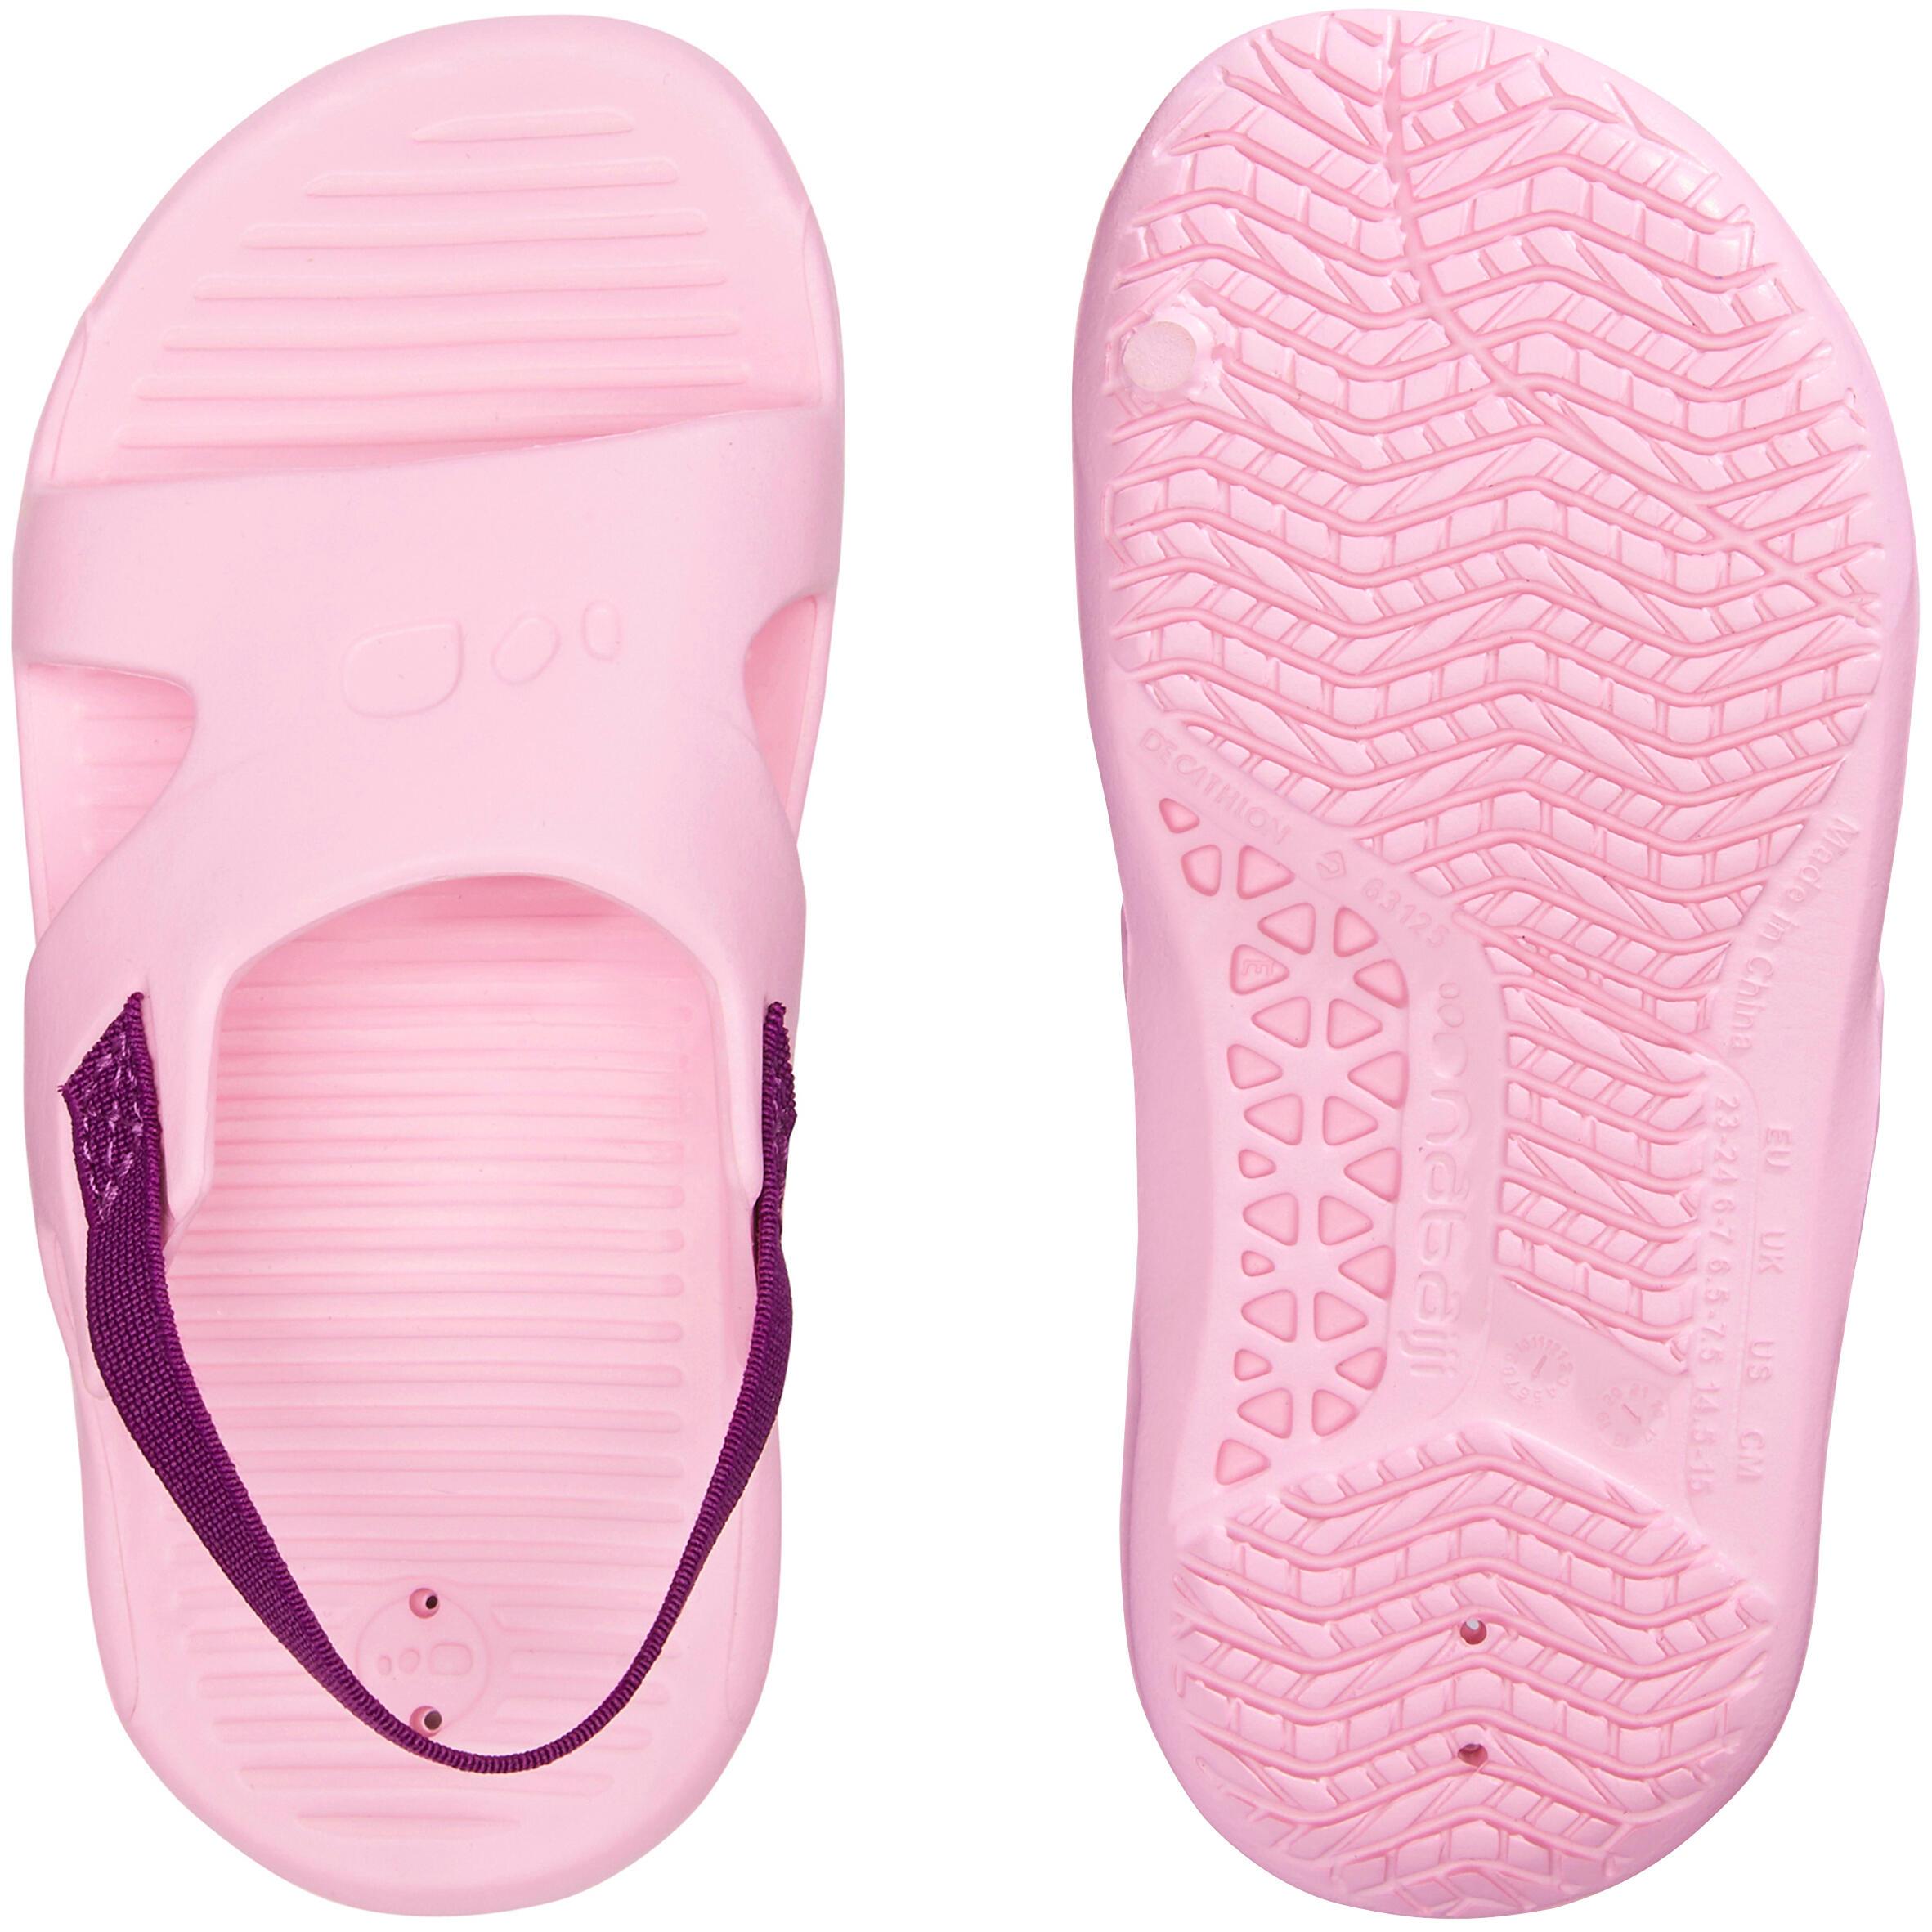 best website 163e4 c12b4 Schuhe Baby | Große Auswahl für kleine Füße | DECATHLON